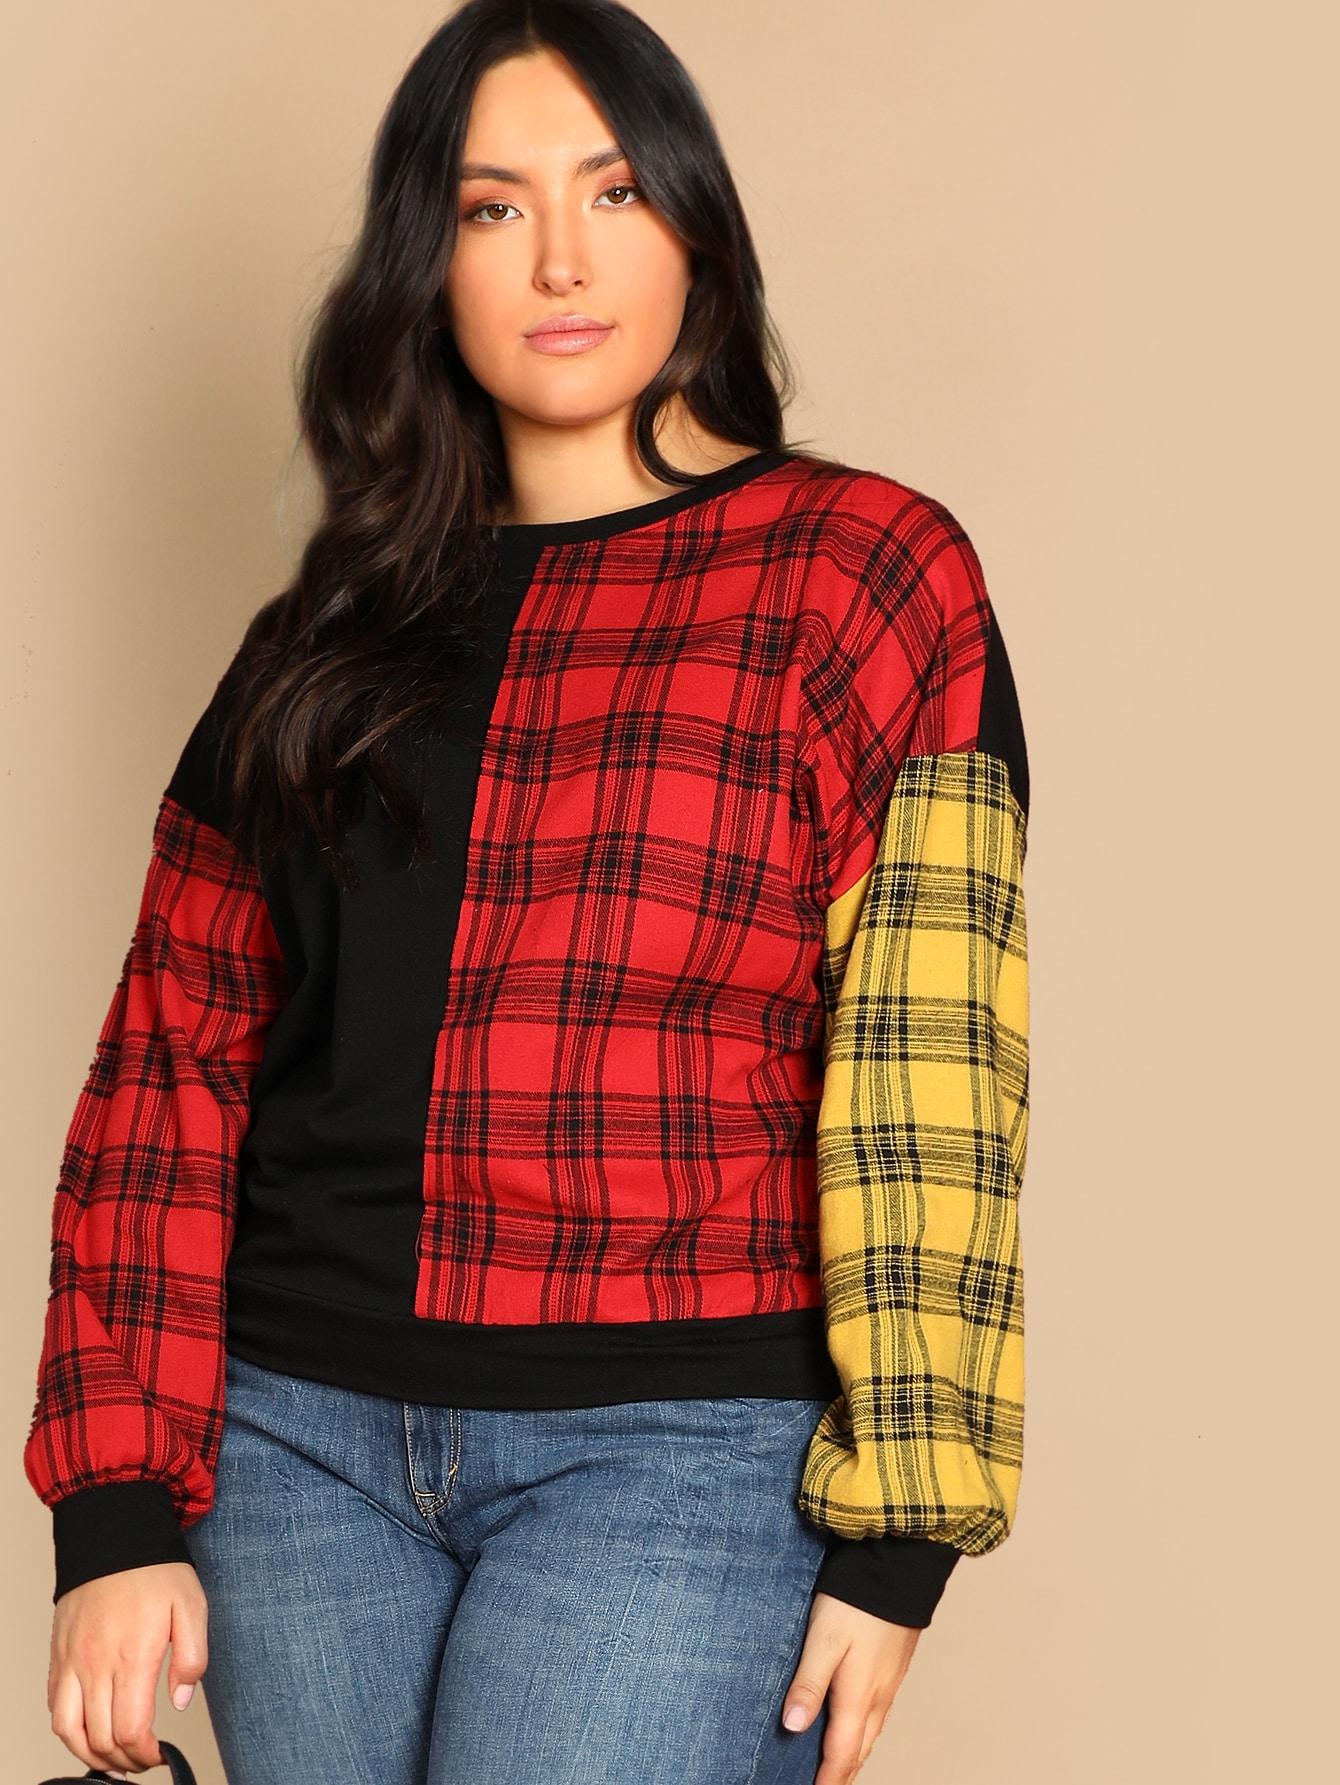 Купить Контрастный пуловер в клетку размера плюс, Yumi, SheIn